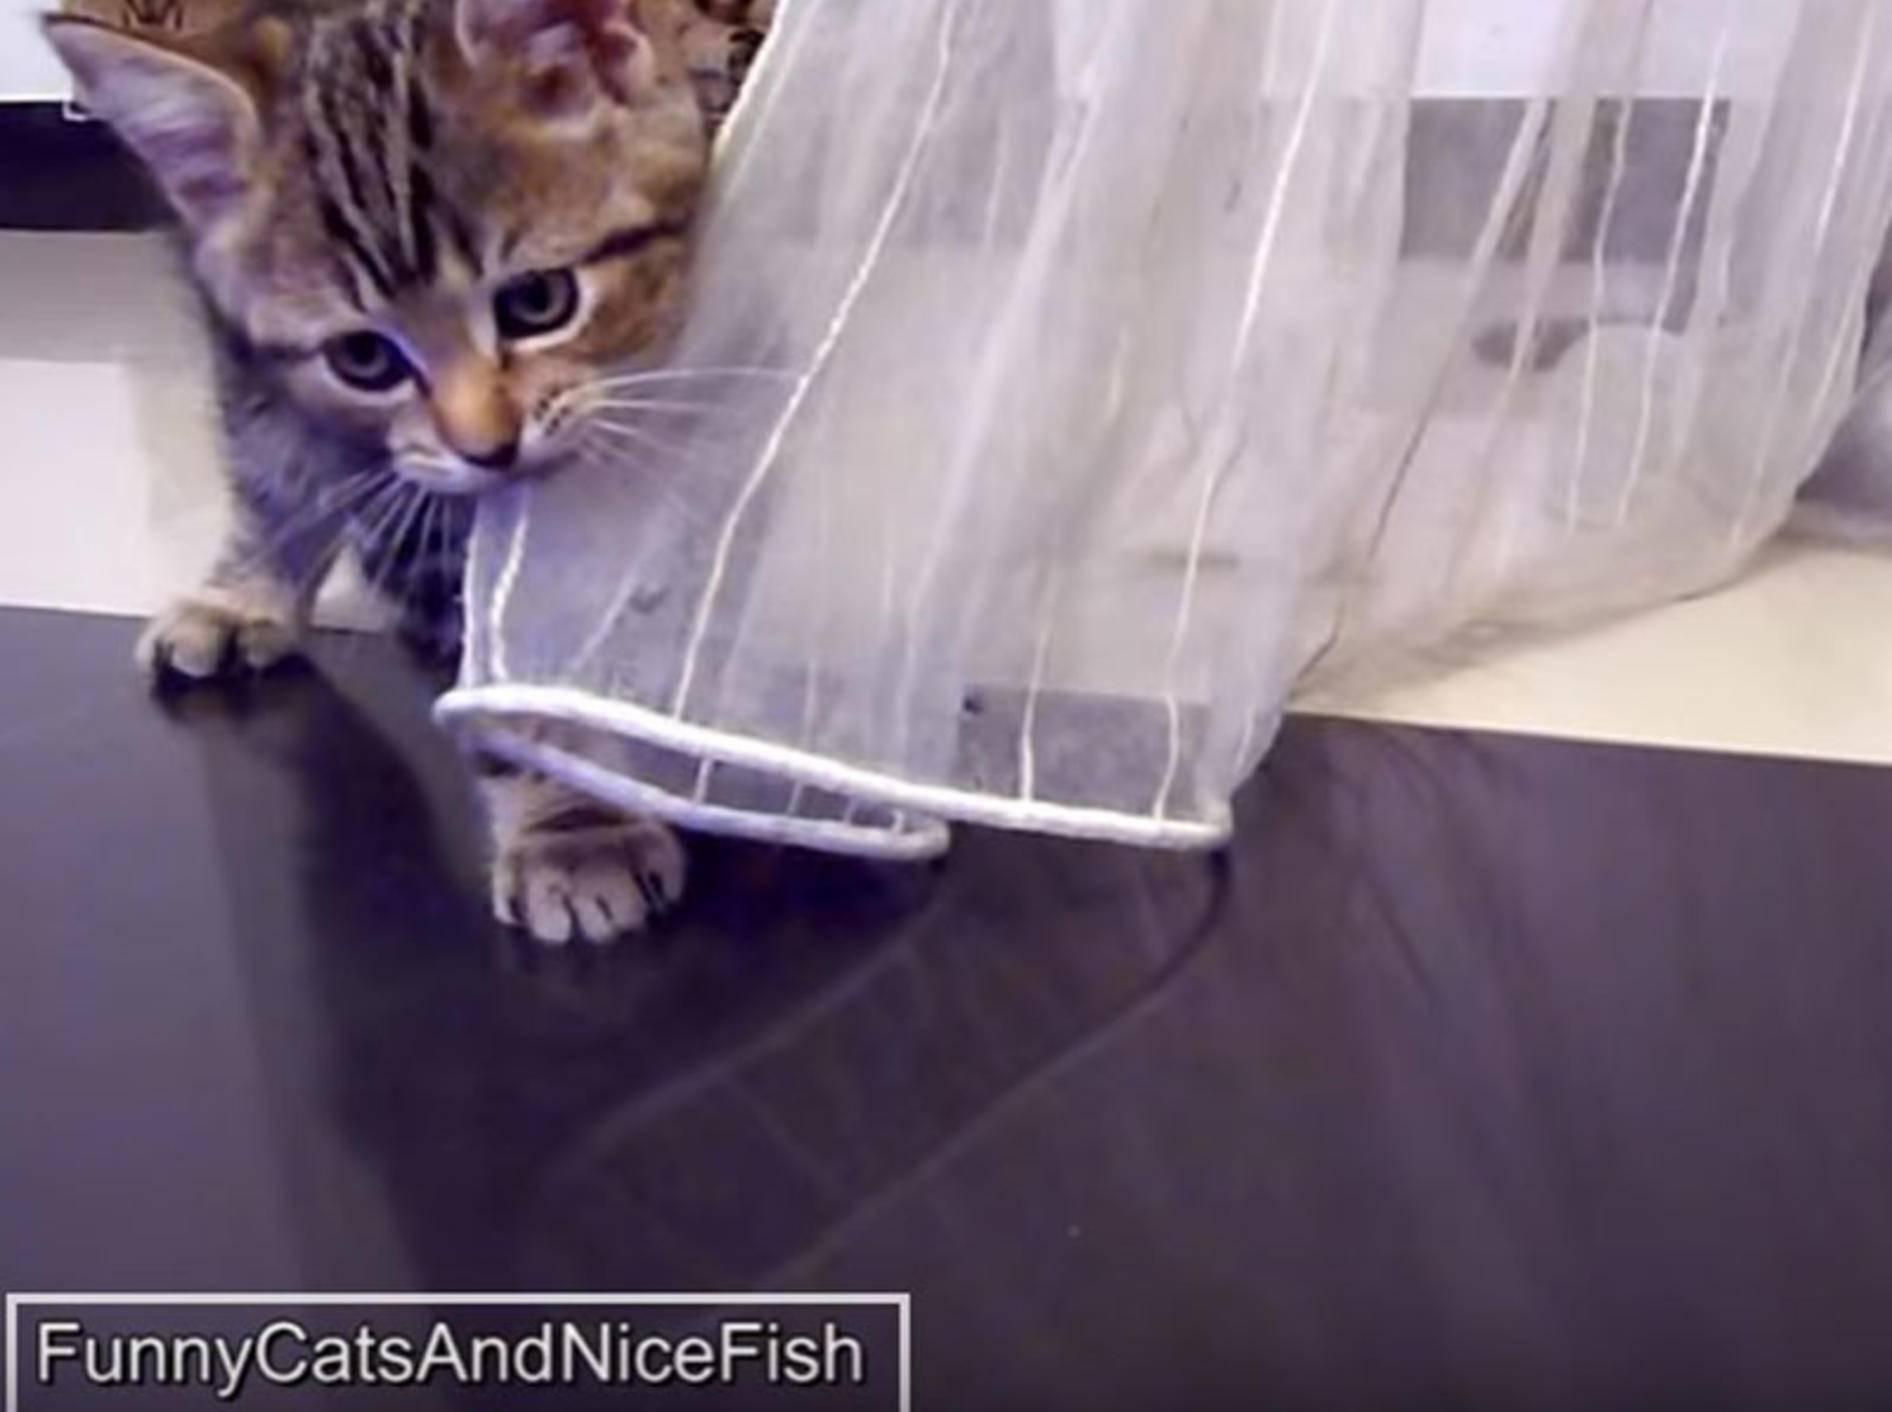 Baby-Katzen kämpfen mit Vorhang und miteinander – YouTube / Funnycatsandnicefish